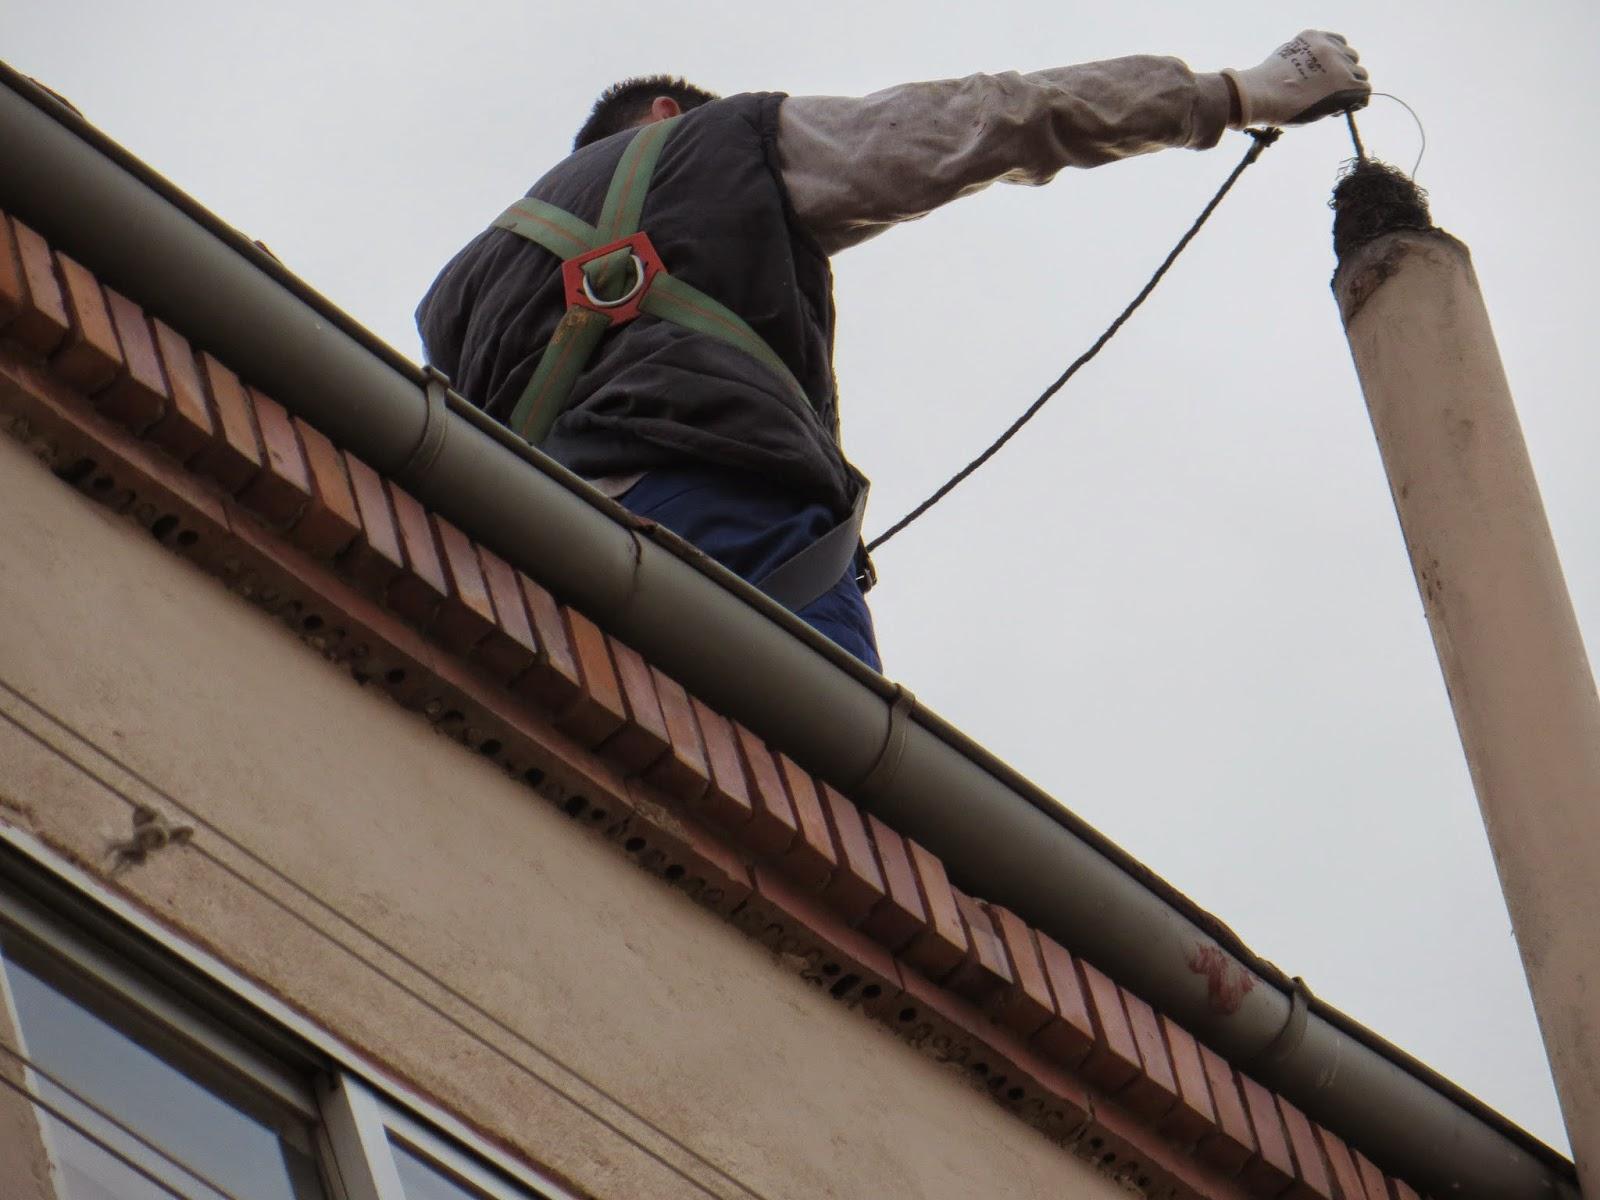 Reformasvillasolle nmultiservicios limpieza de chimeneas - Limpieza chimeneas de lena ...